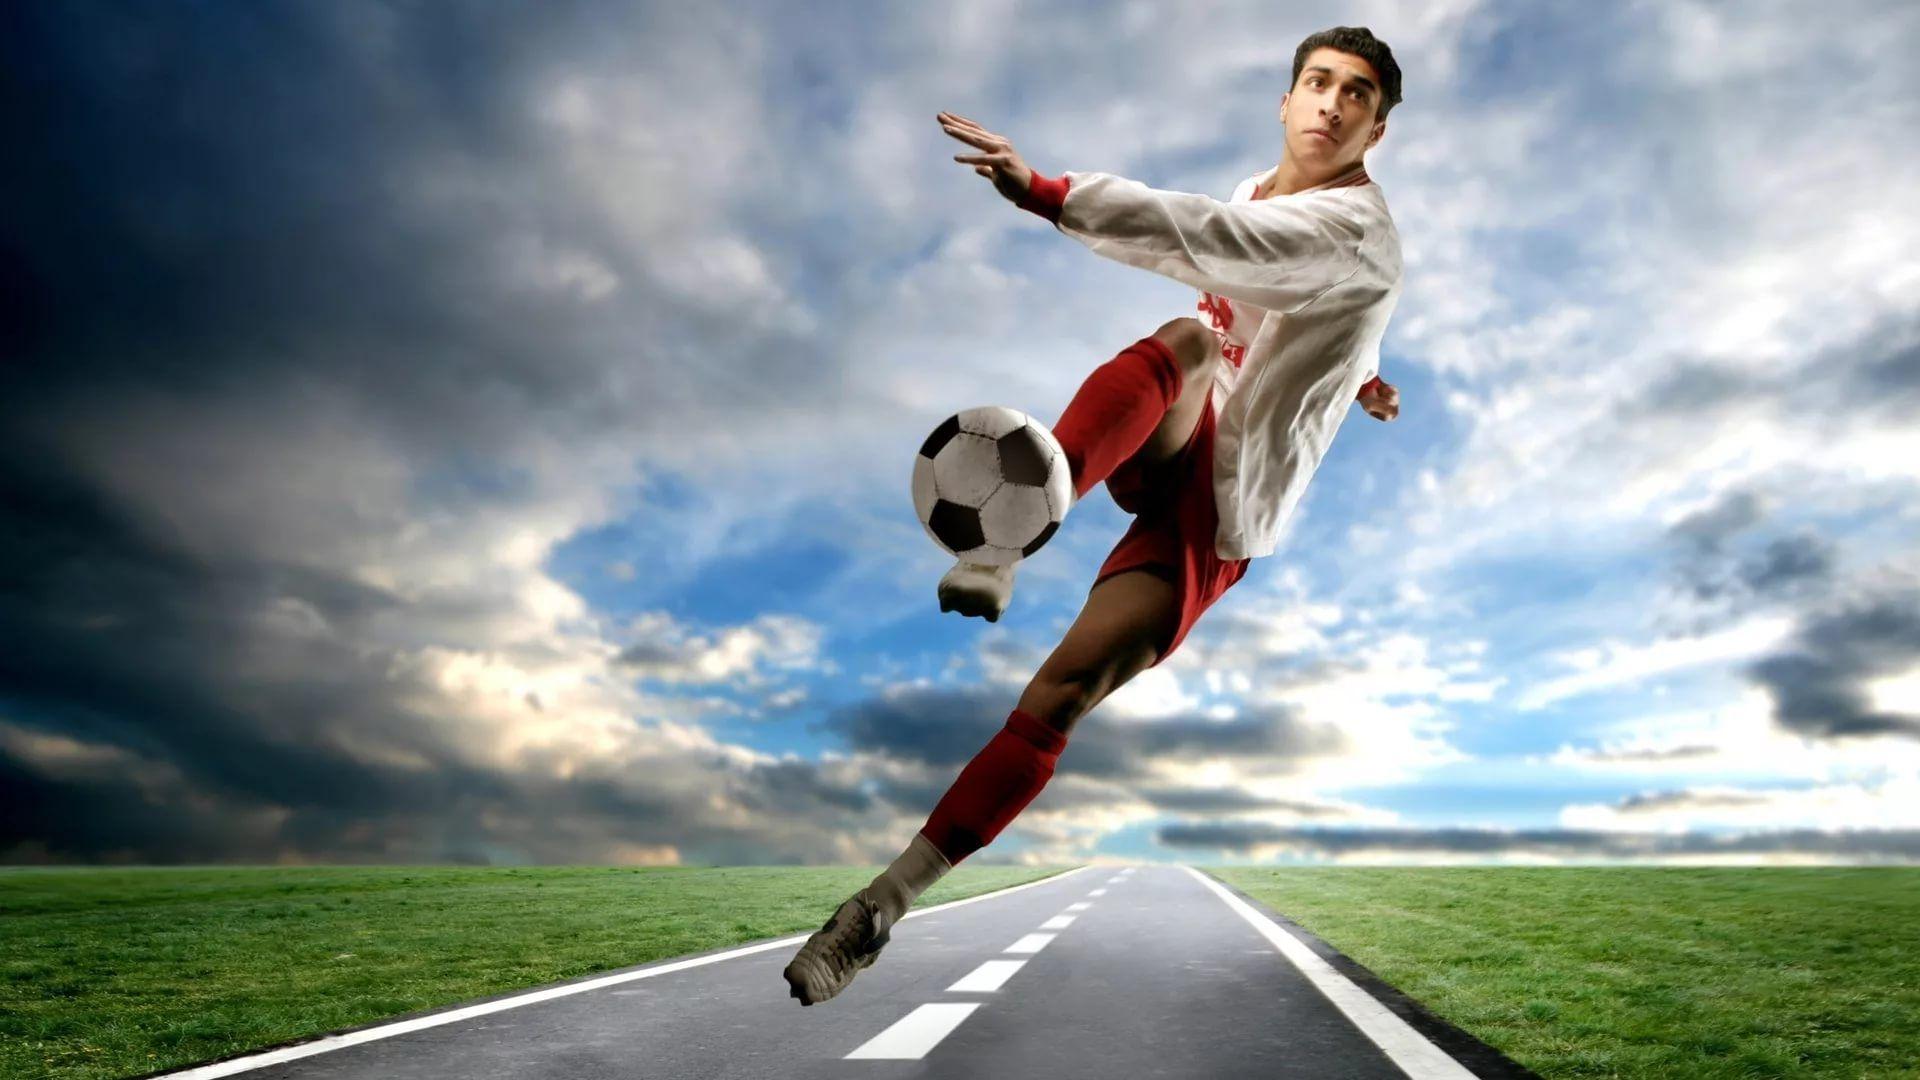 Soccer Player full wallpaper